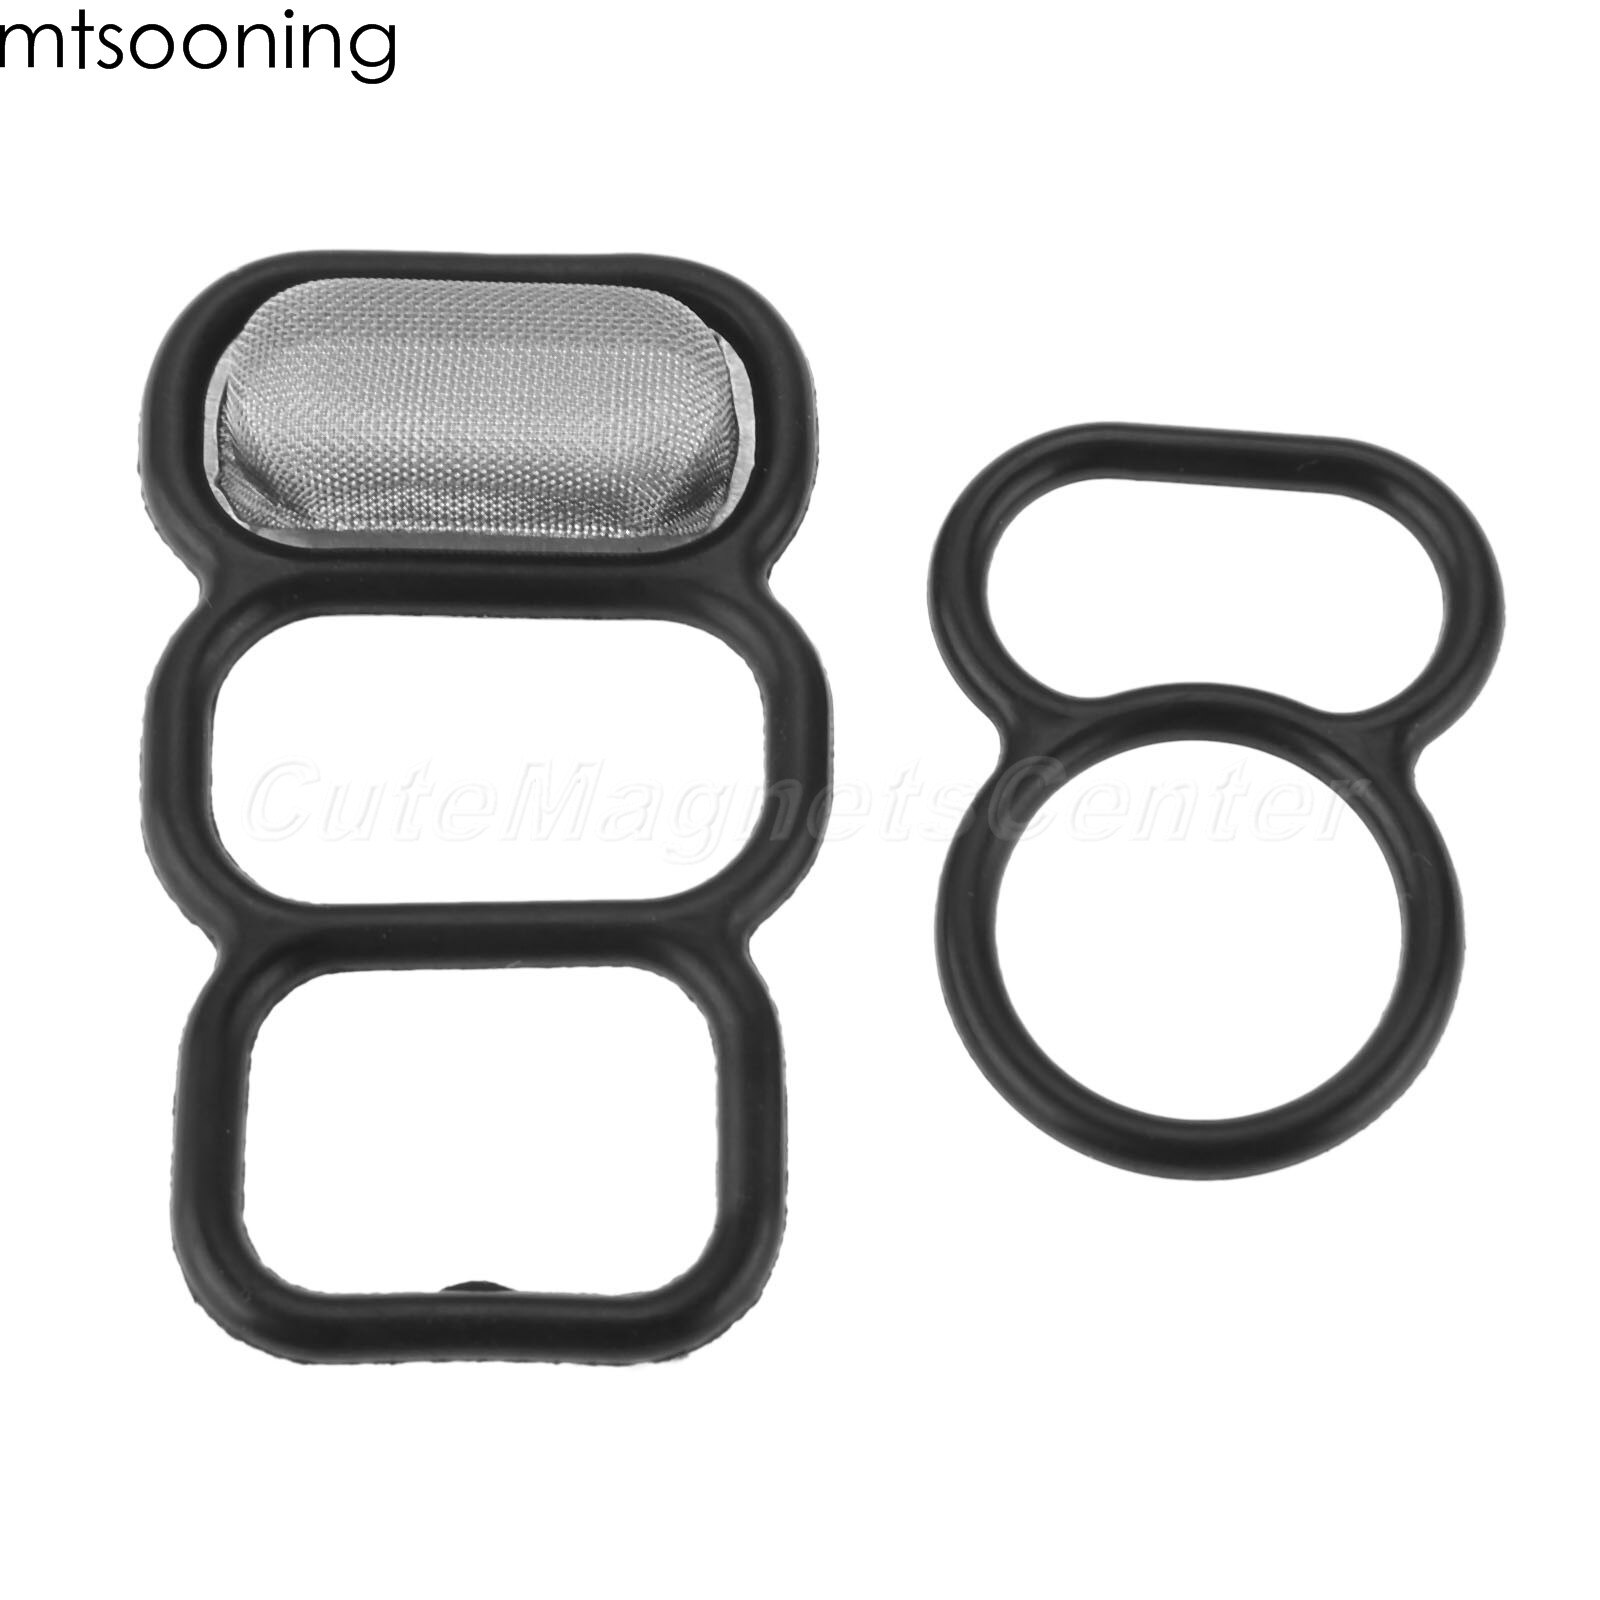 Mtsooning Kit de joint de bobine   Vanne de bobine VTEC pour Honda 4 cylindre Accord Odyssey Acura CL 2 pièces